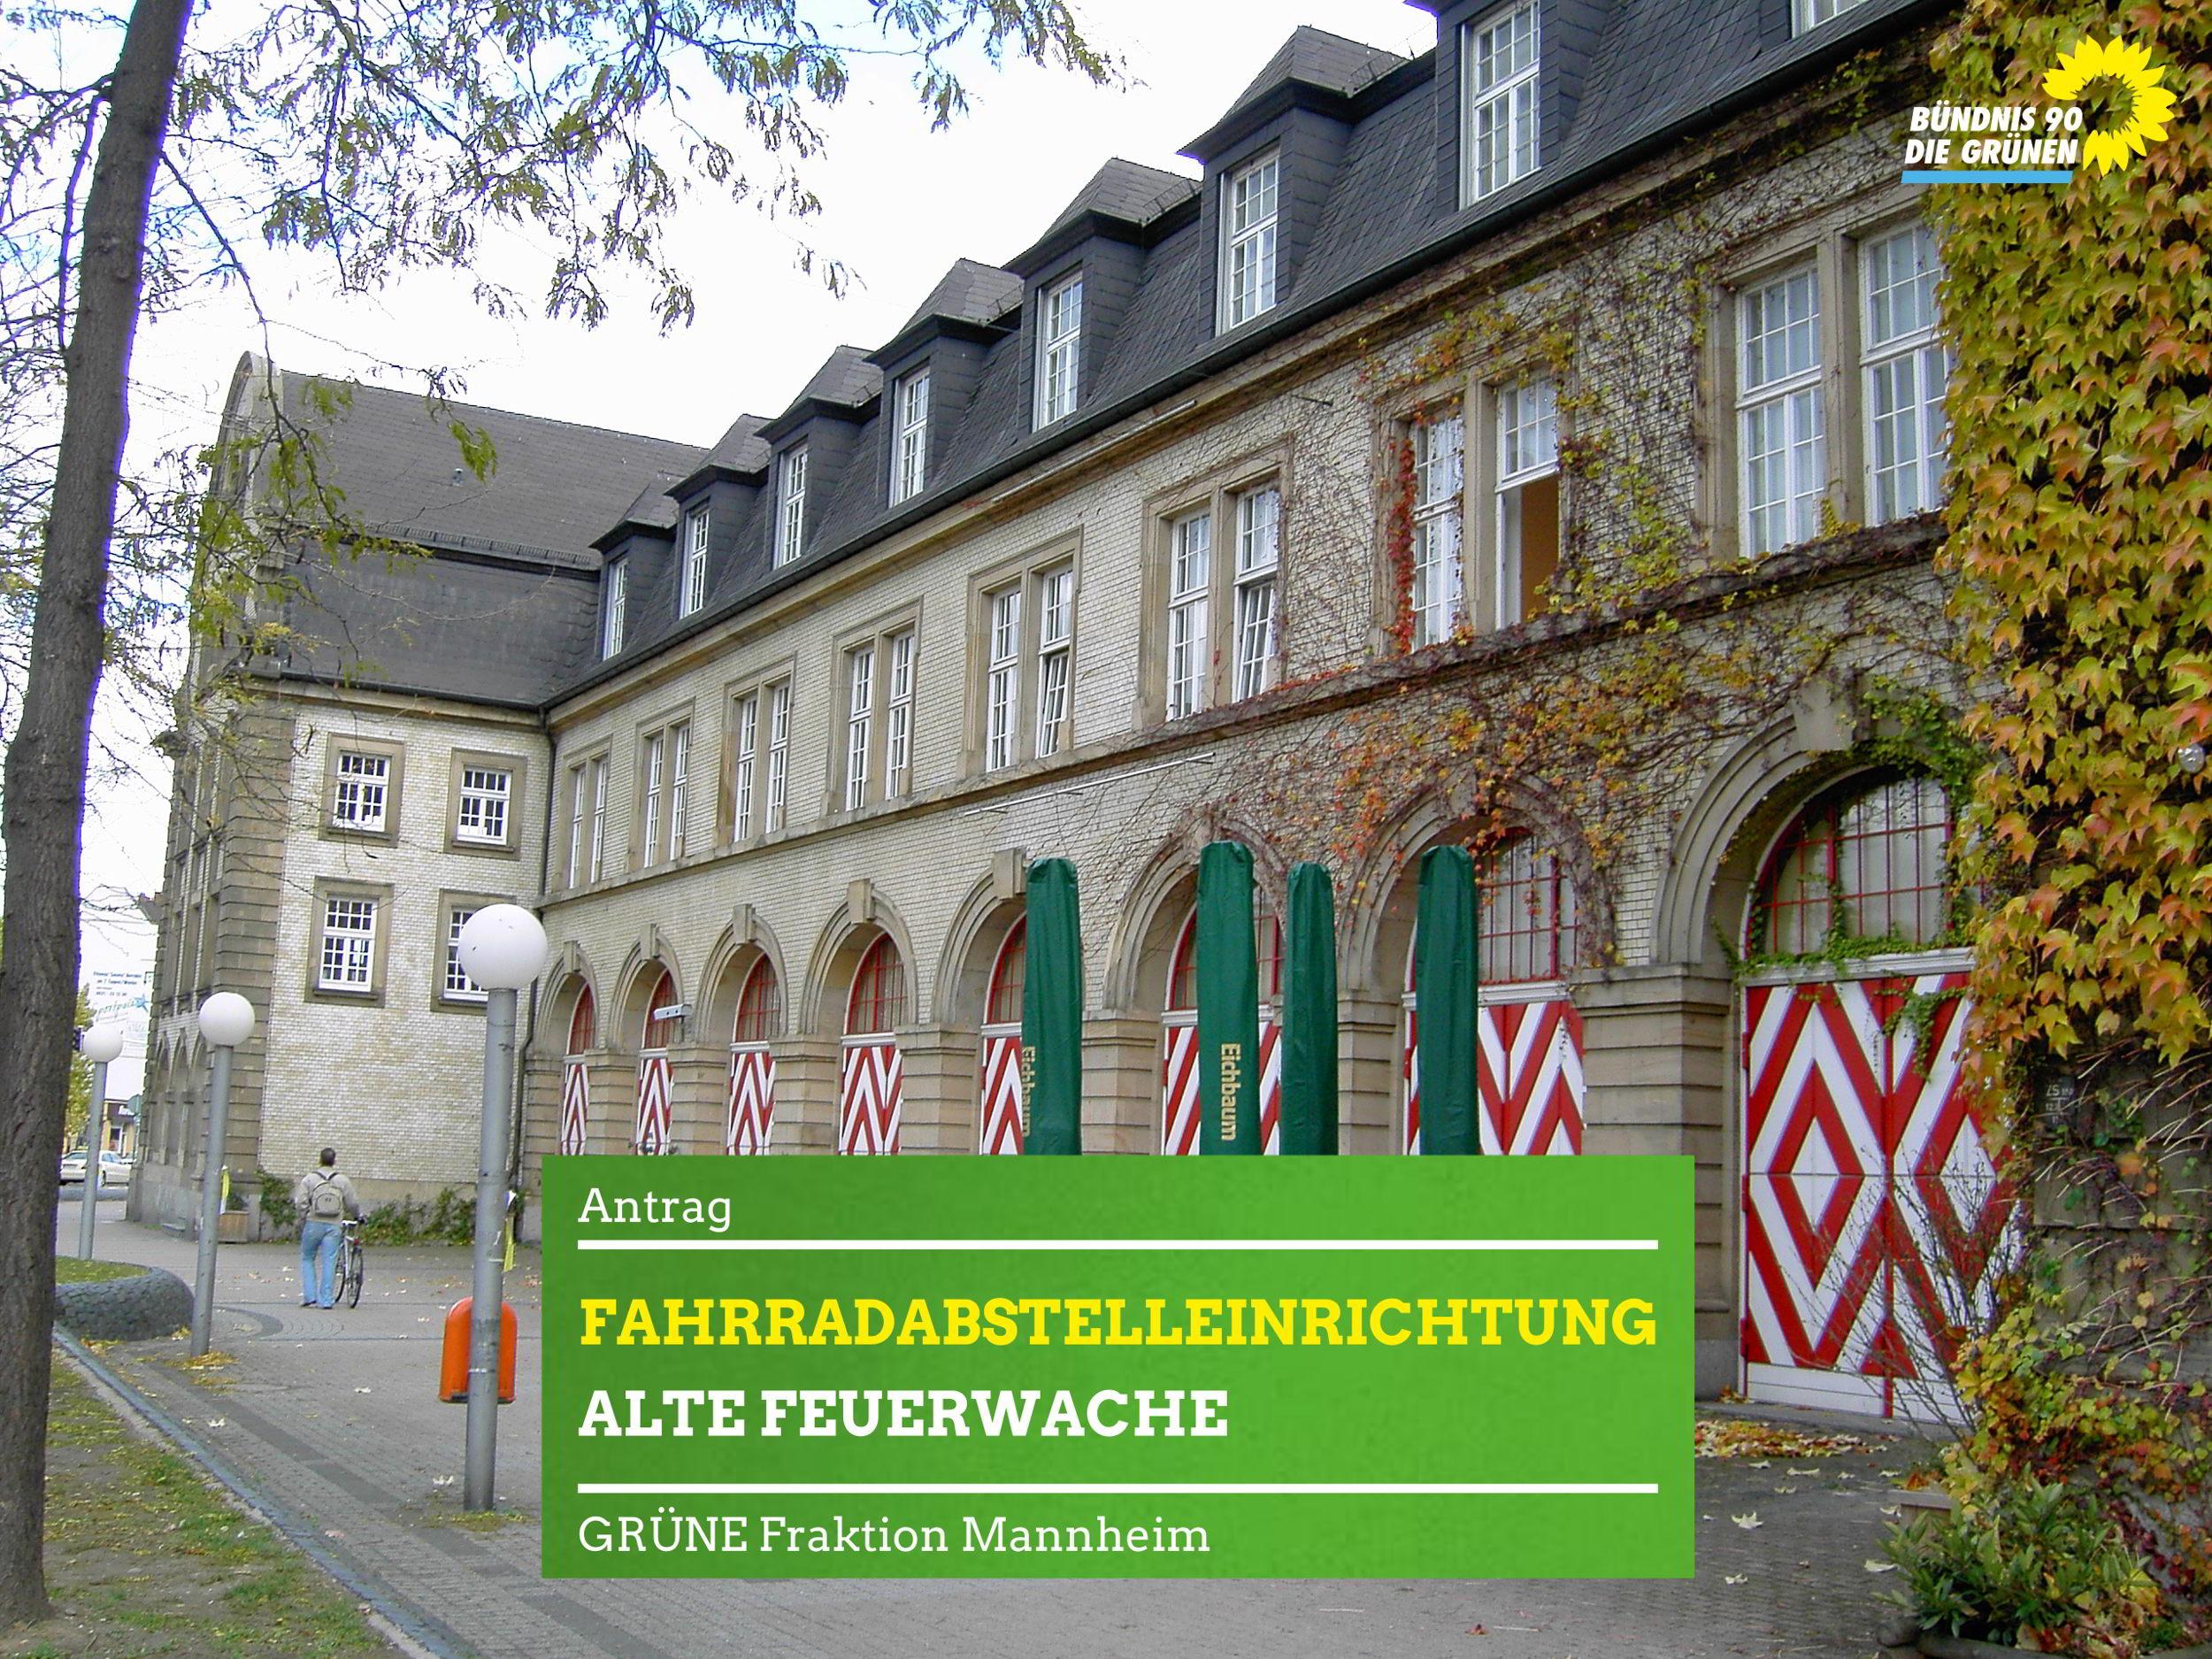 Radfahrer vorm Kulturzentrum Alte Feuerwache